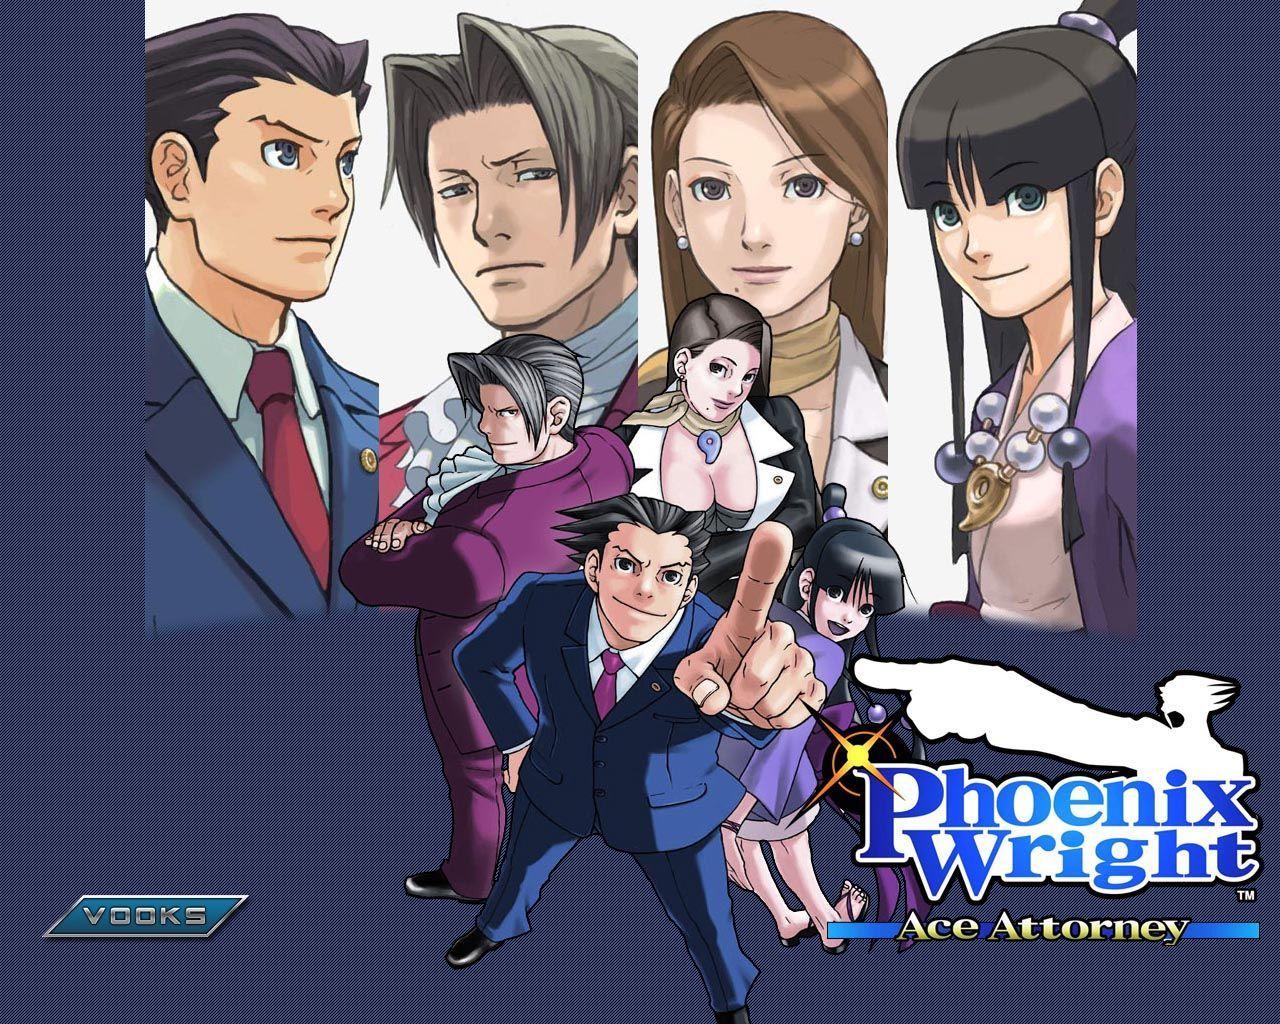 ¿En que consola fue lanzada la saga inicialmente?